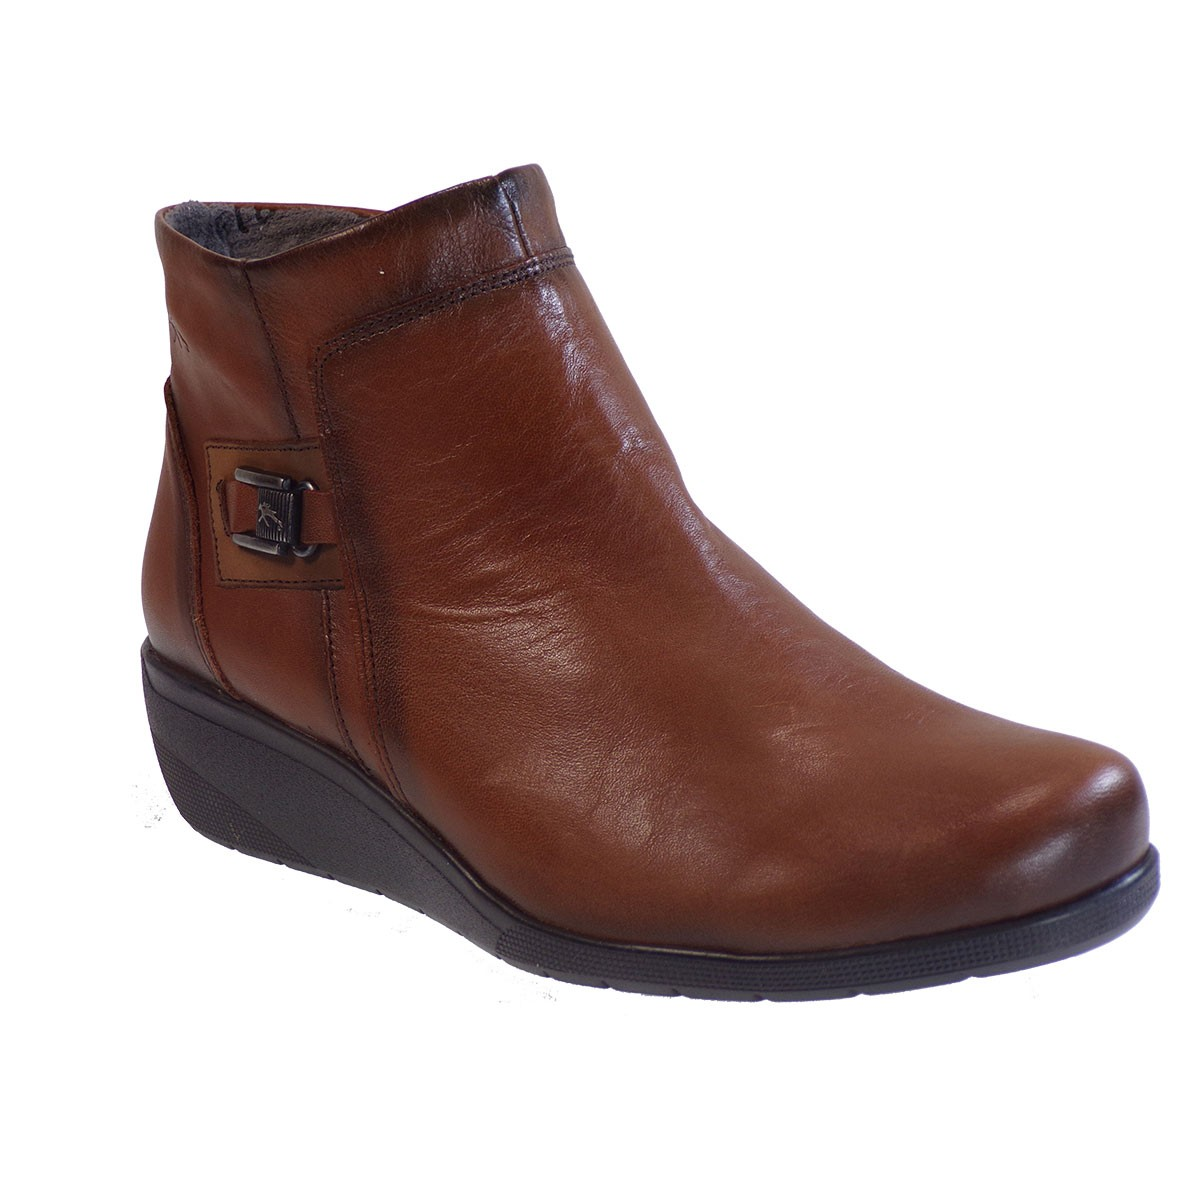 Fluchos Femme Γυναικεία Παπούτσια Μποτάκια F0595-34555 Ταμπά Δέρμα